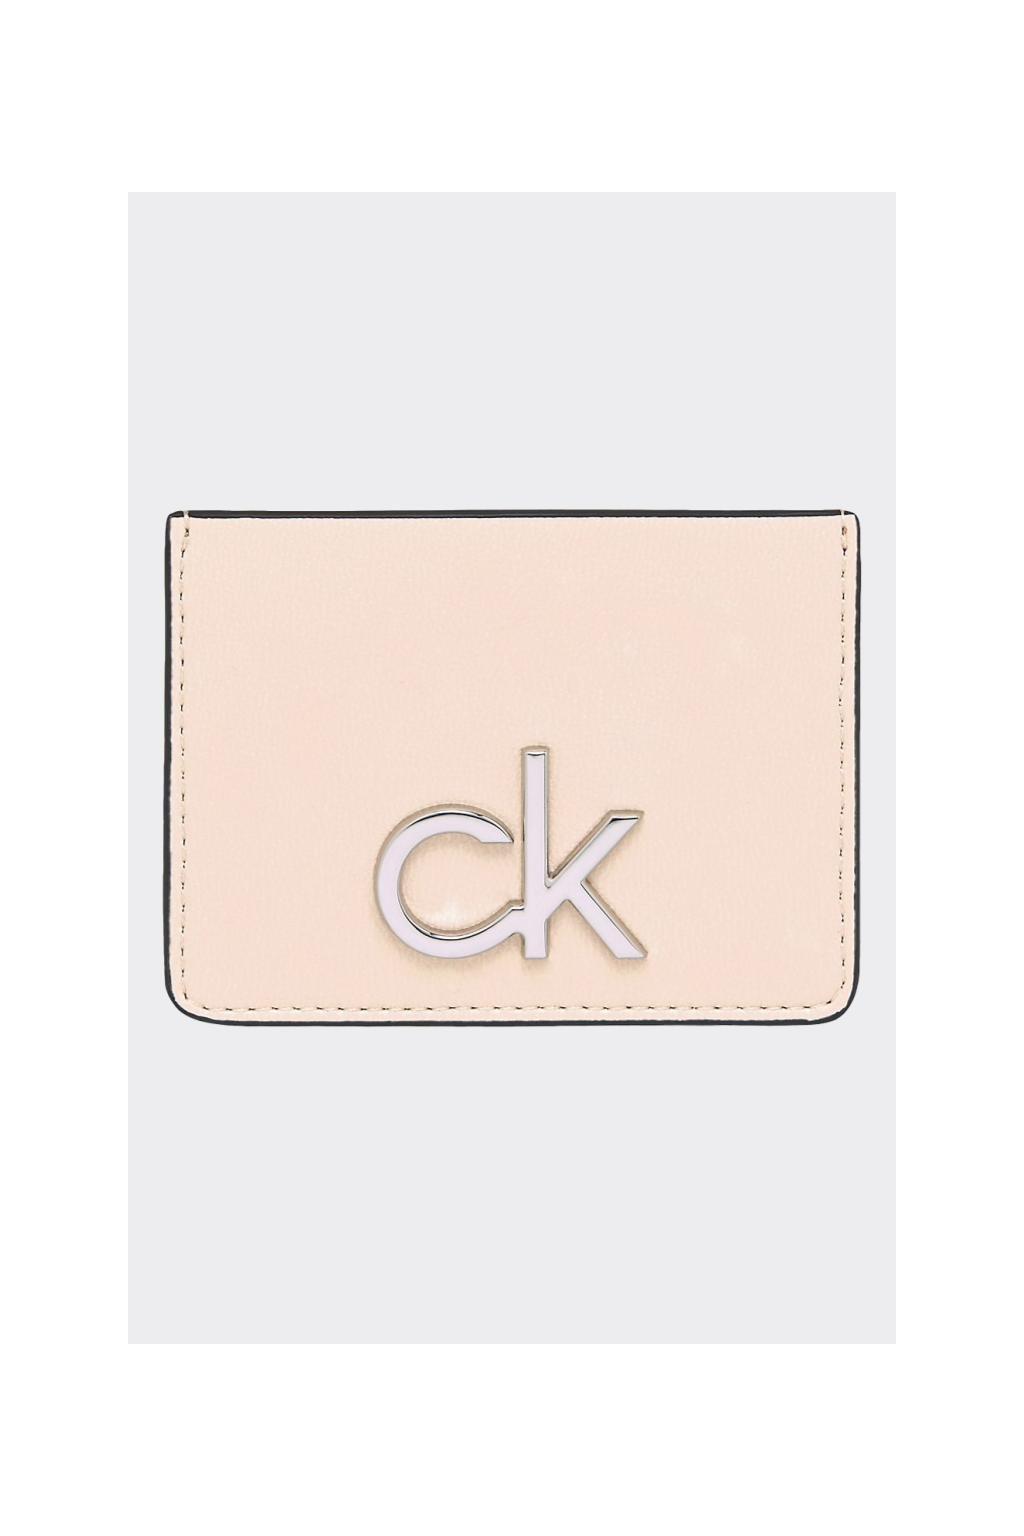 Calvin Klein pouzdro na karty - béžová